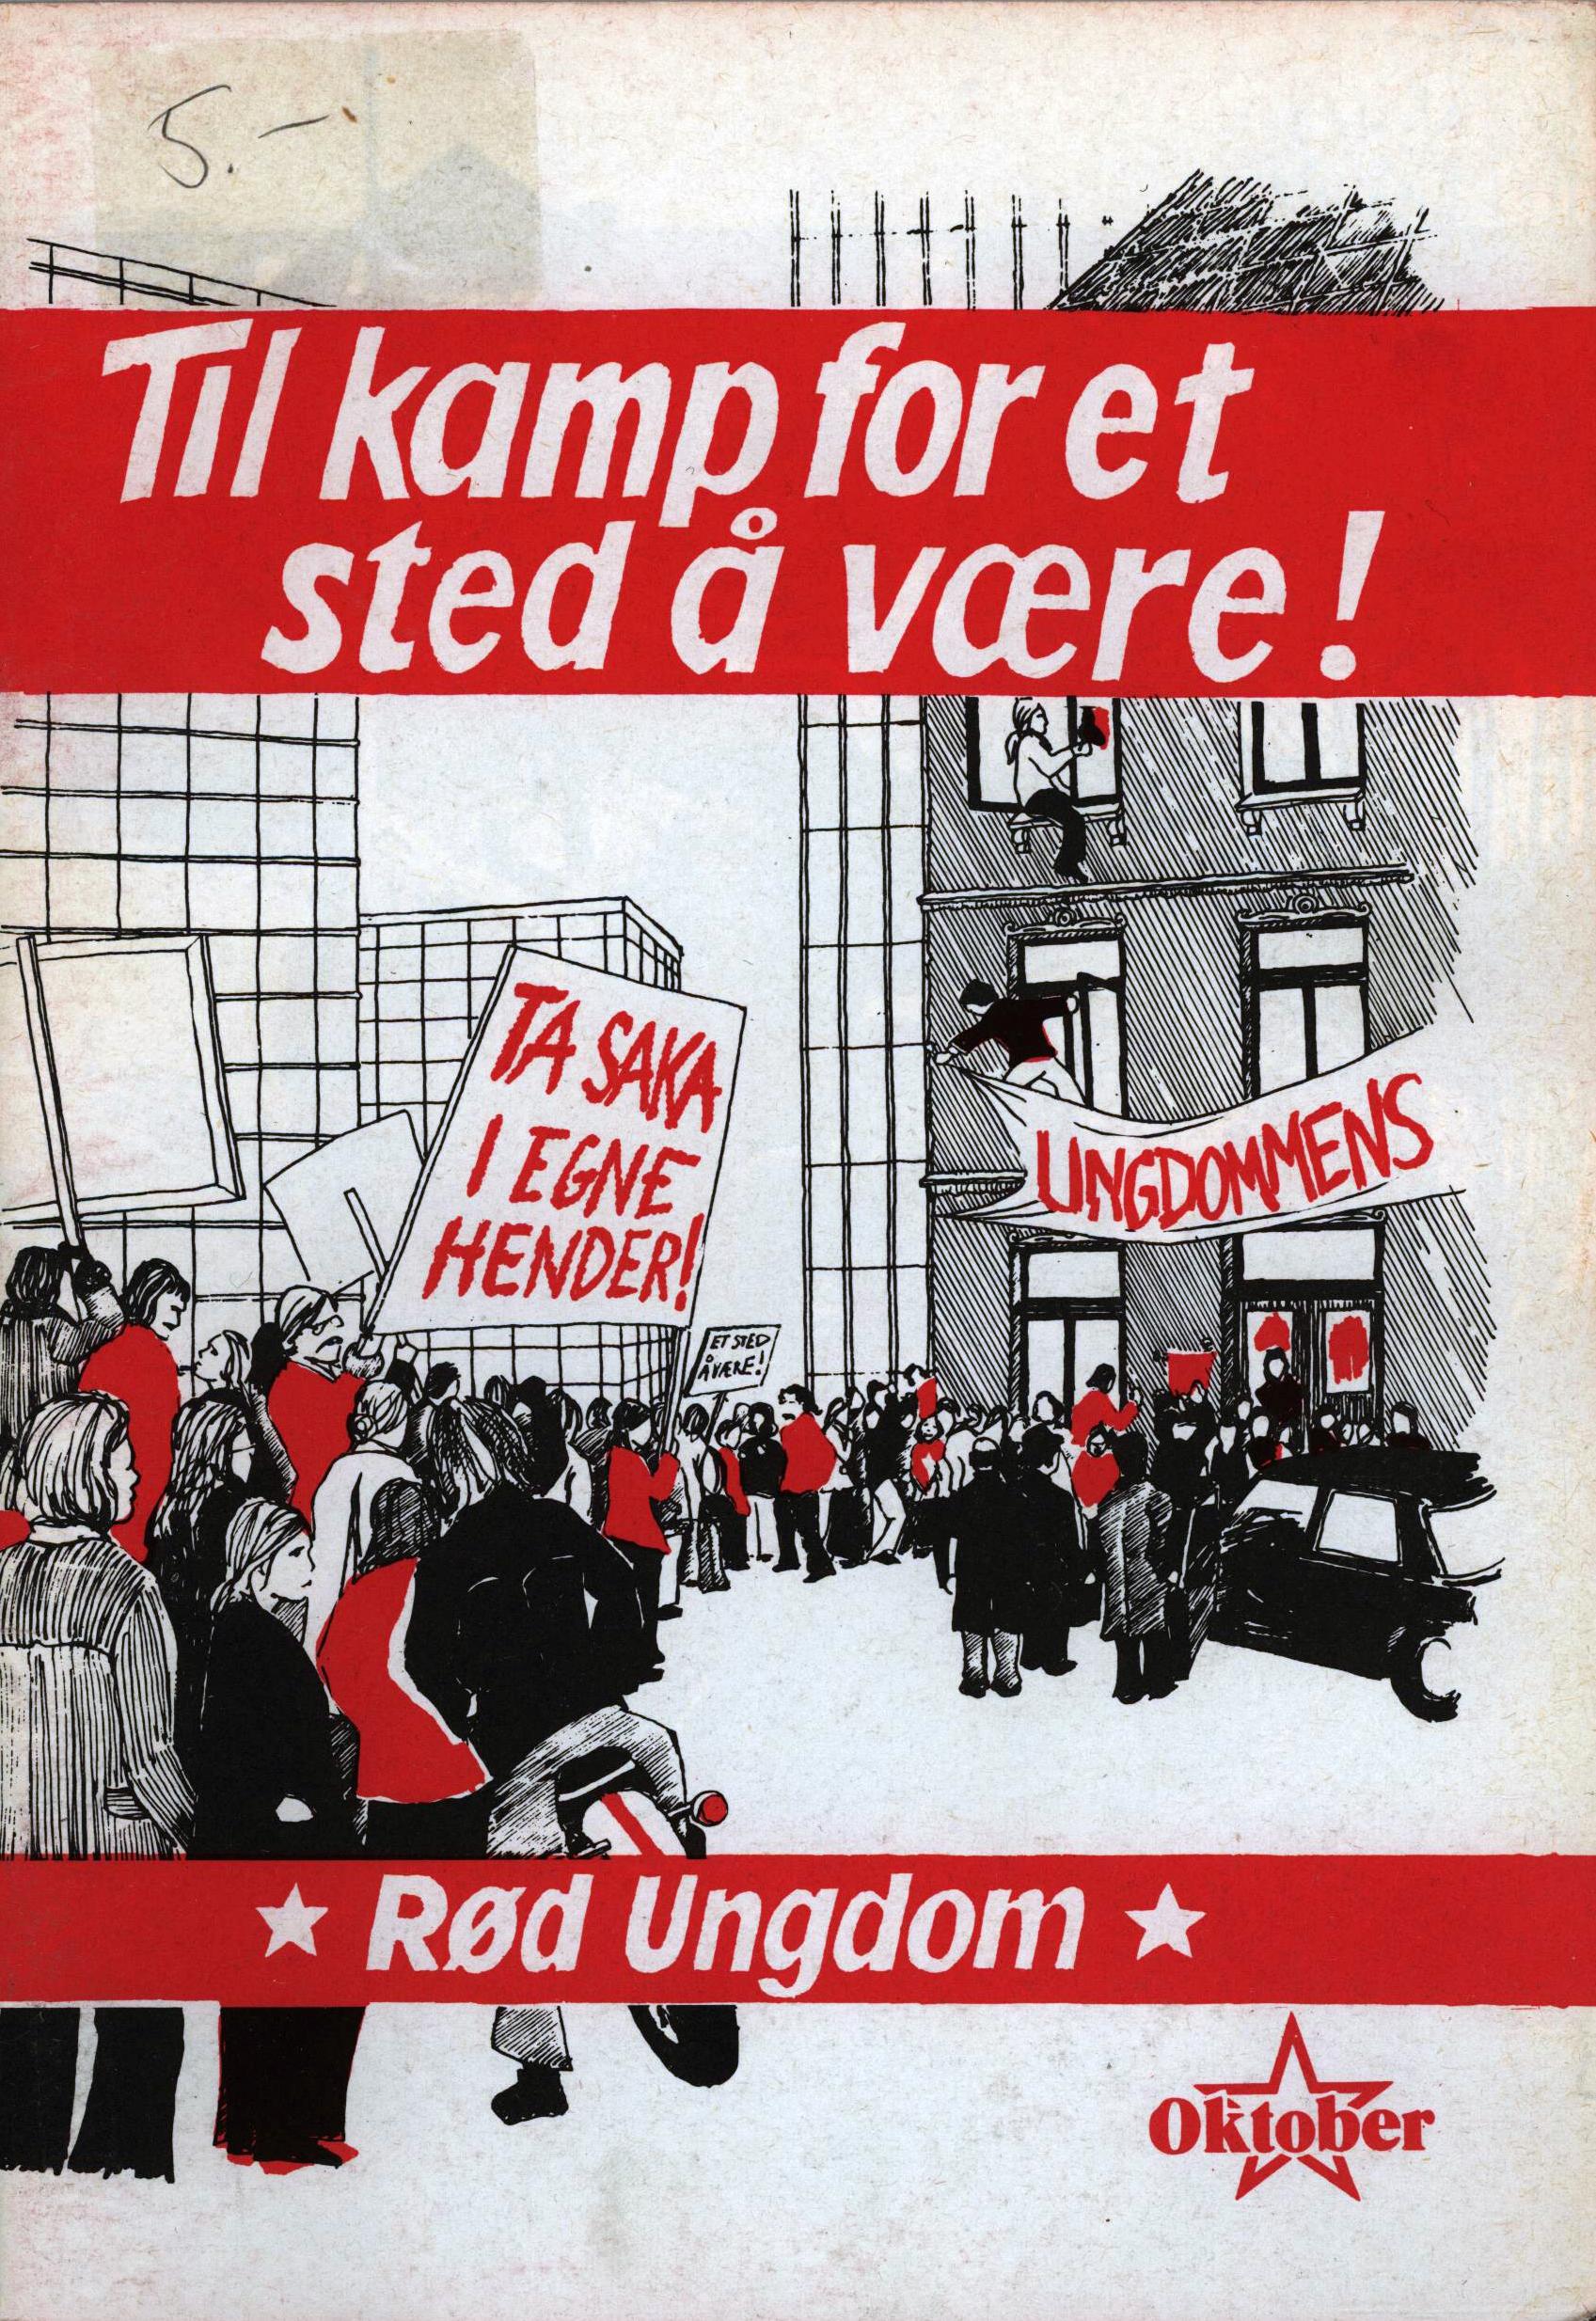 Rød Ungdom: Til kamp for et sted å være